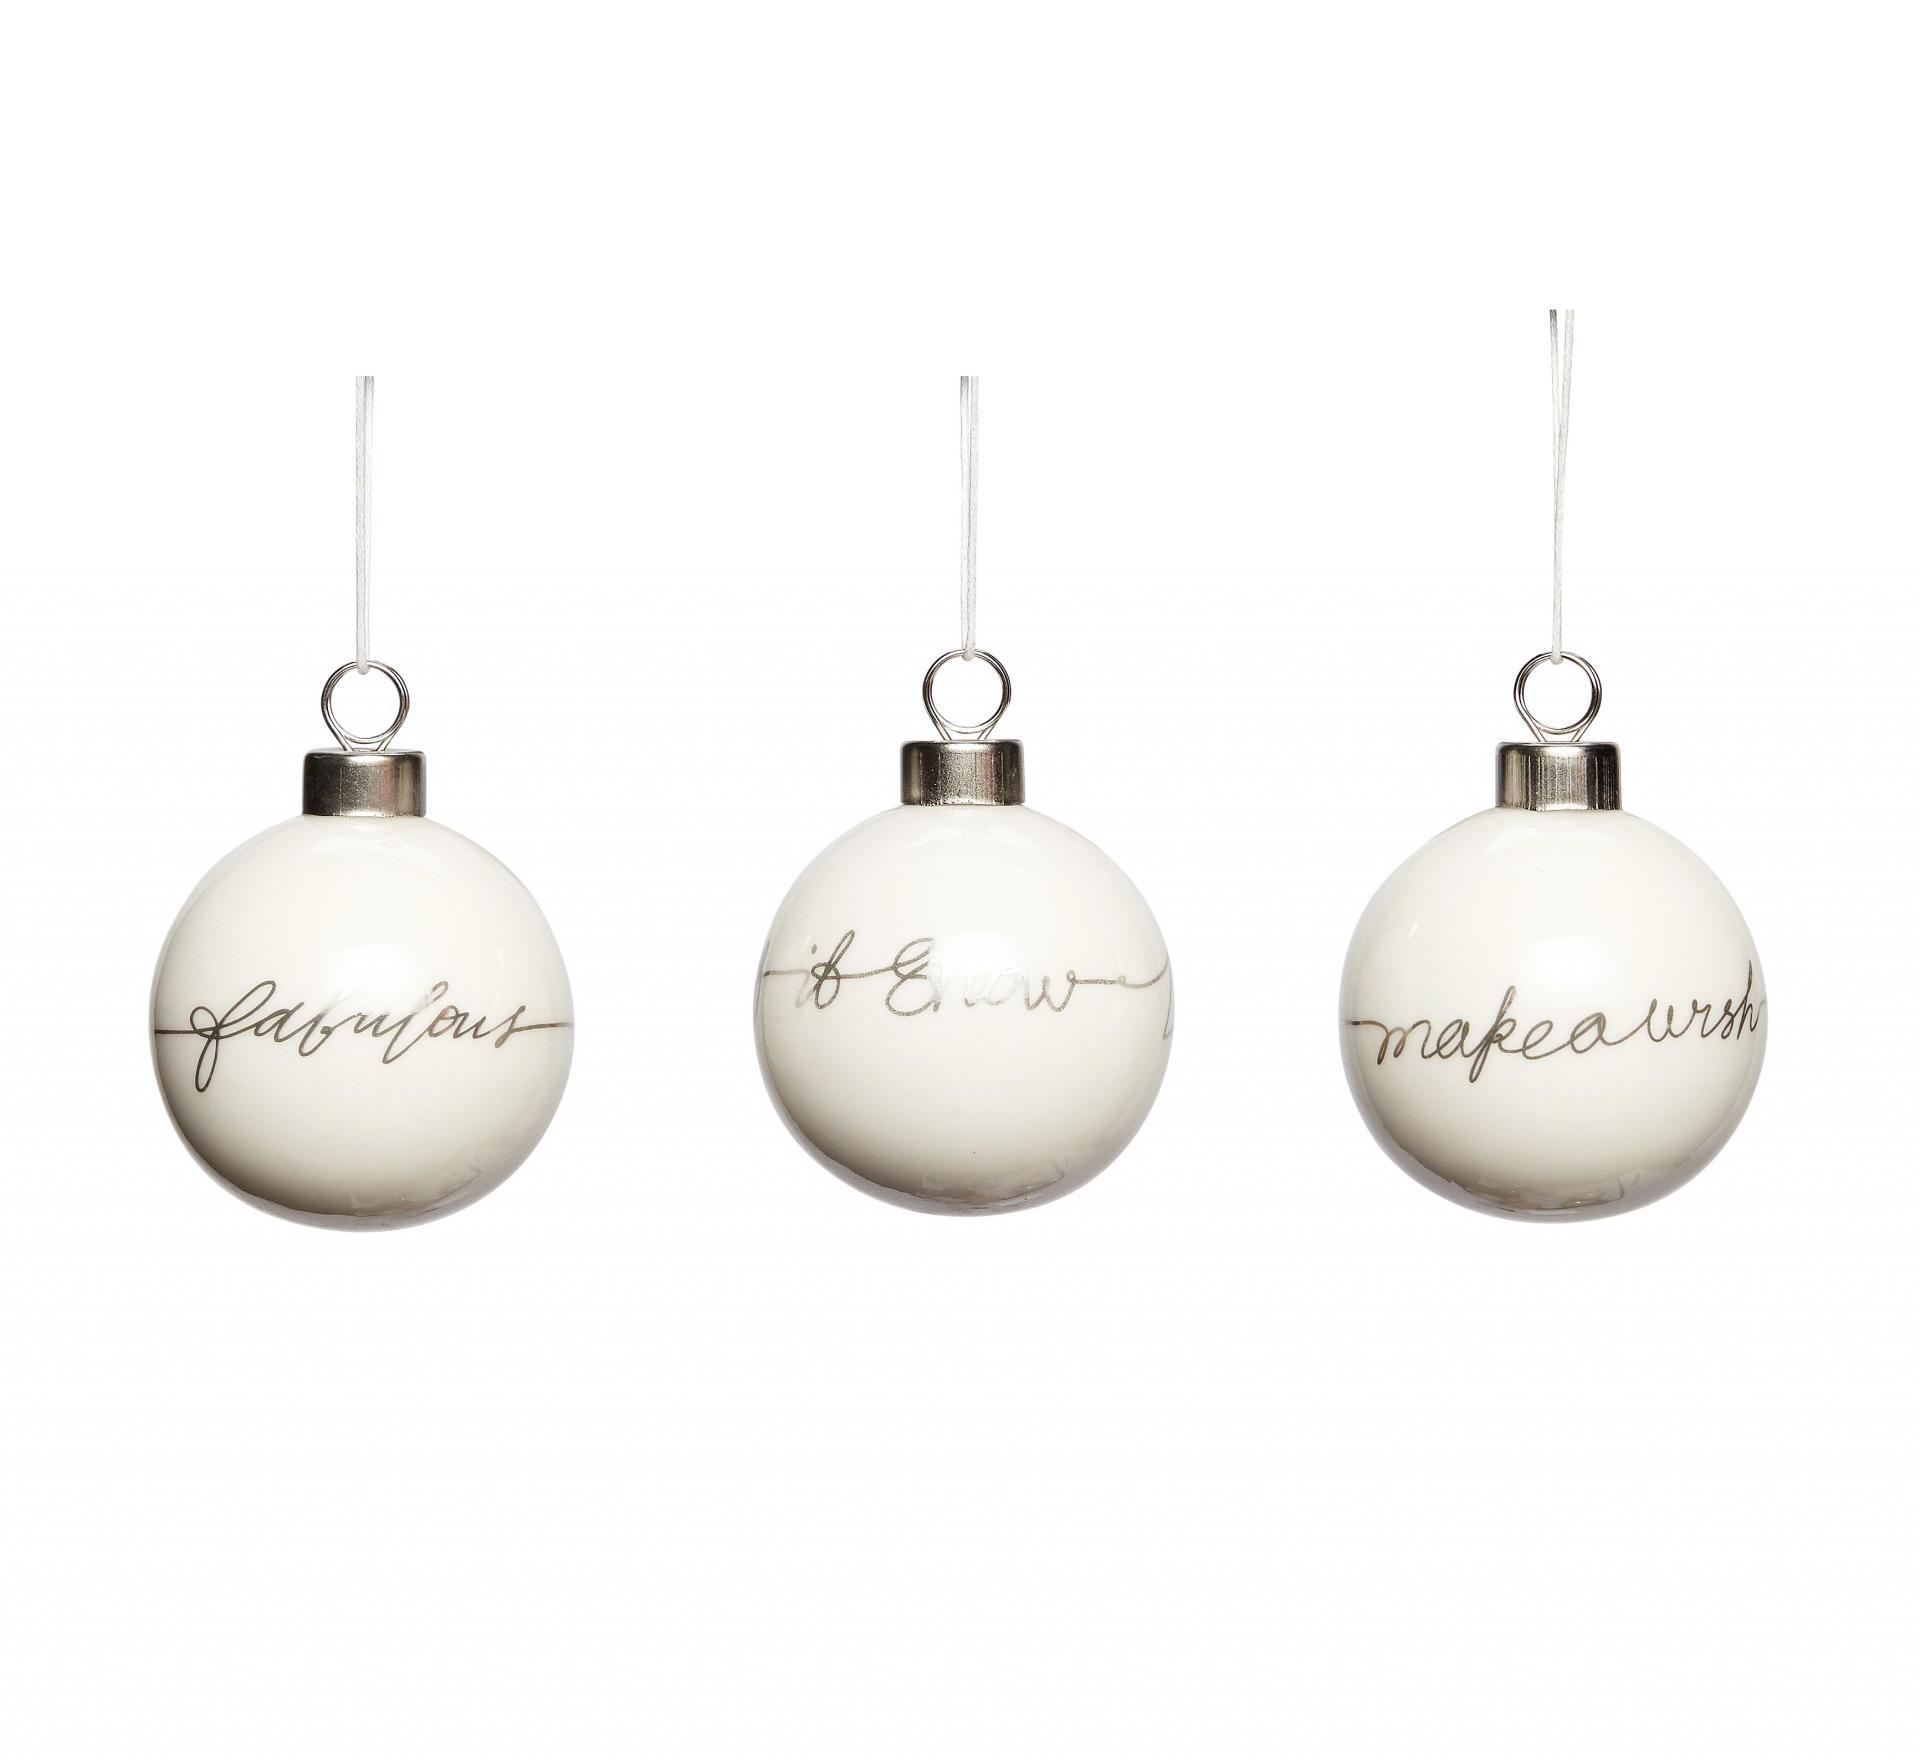 Hübsch Porcelánová vánoční ozdoba White/silver Fabulous, bílá barva, stříbrná barva, porcelán